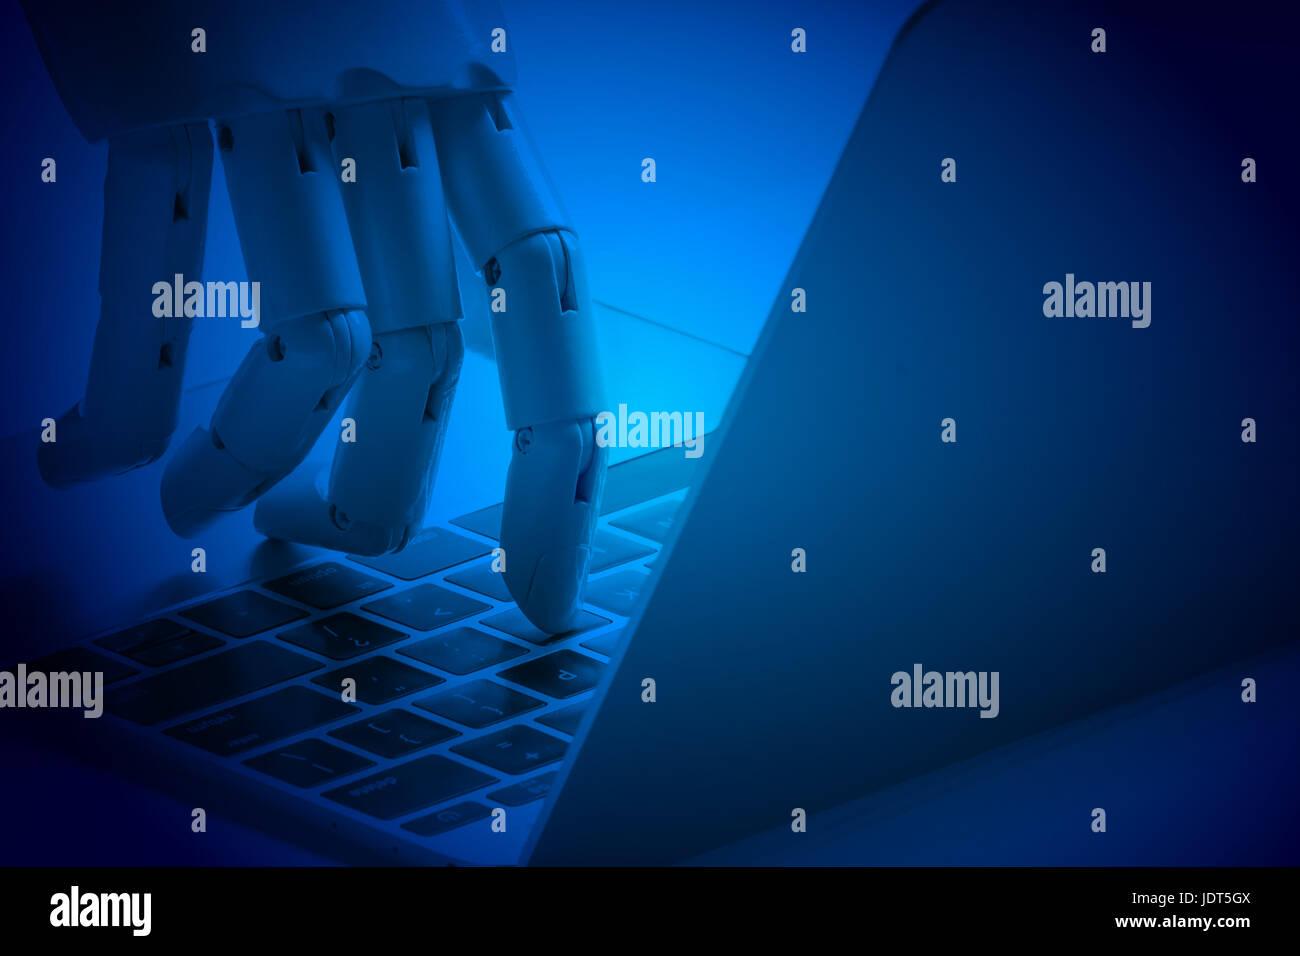 Chat bot , inteligencia artificial , robo advisor , concepto robótico. Dedo Robot elija botón portátil. Tono azul. Foto de stock